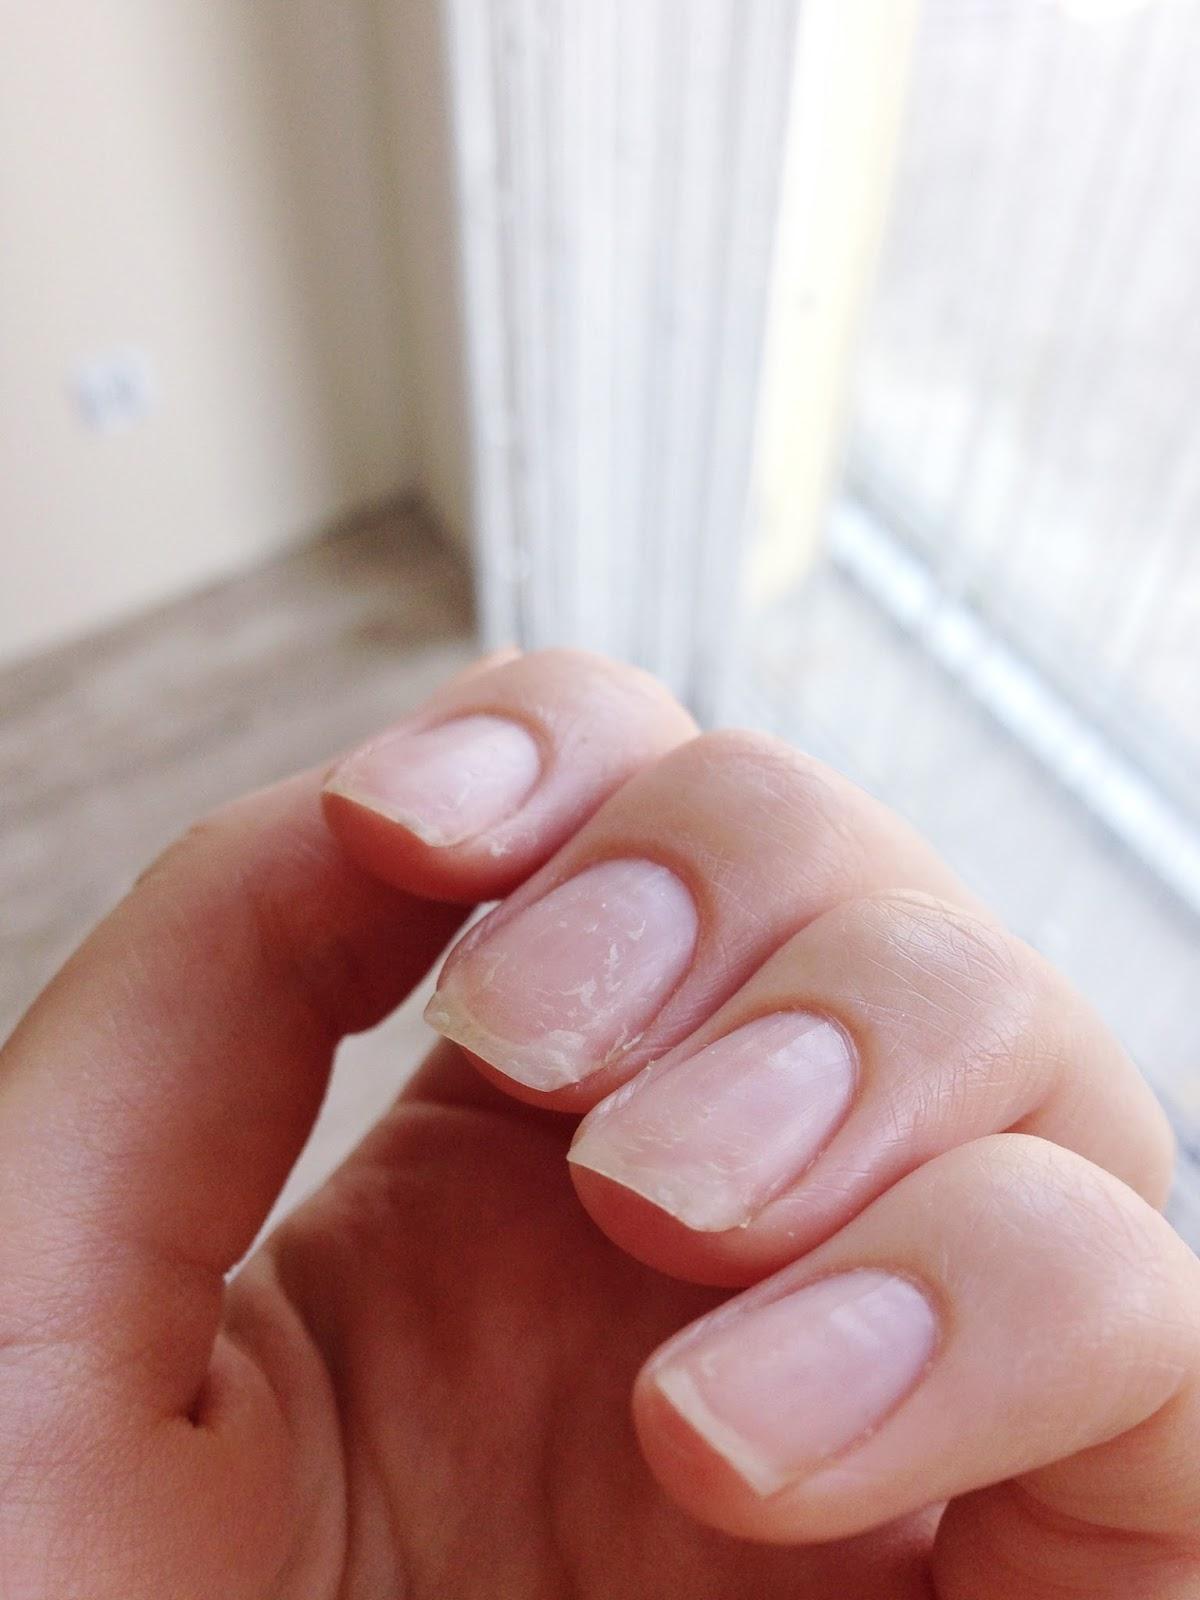 paznokcie zniszczone po hybrydach